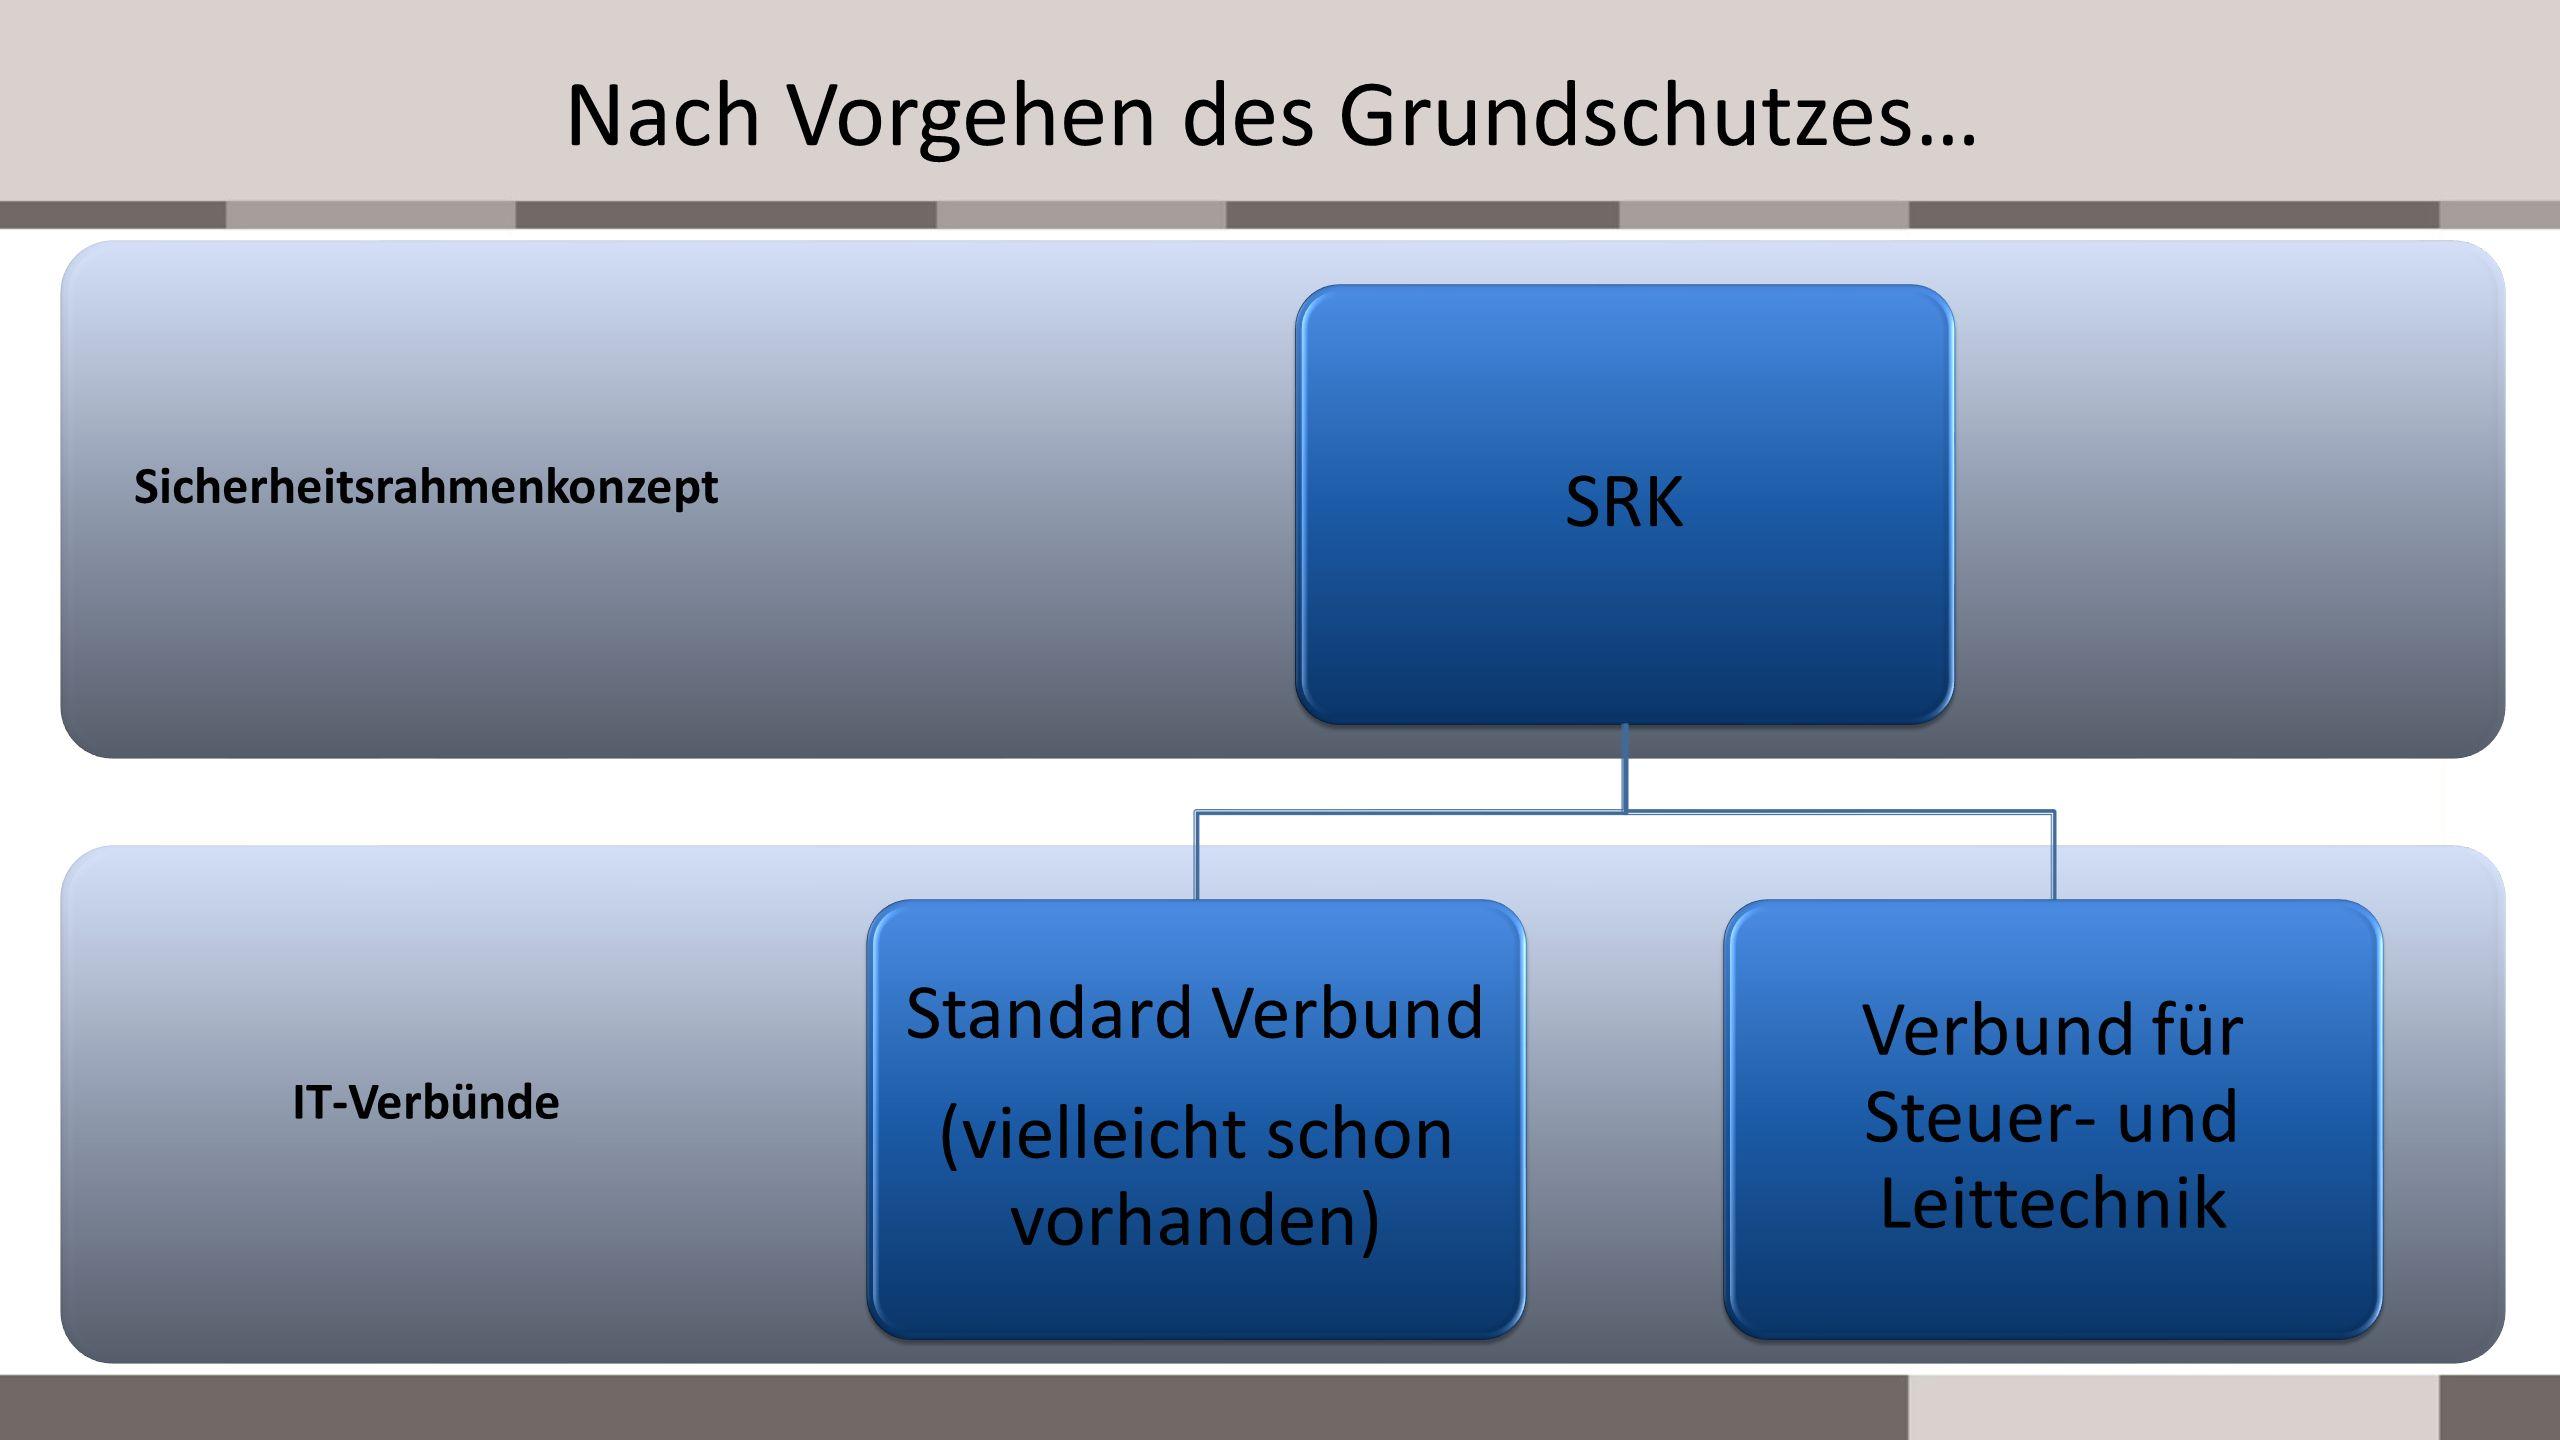 Nach Vorgehen des Grundschutzes… IT-Verbünde Sicherheitsrahmenkonzept SRK Standard Verbund (vielleicht schon vorhanden) Verbund für Steuer- und Leitte